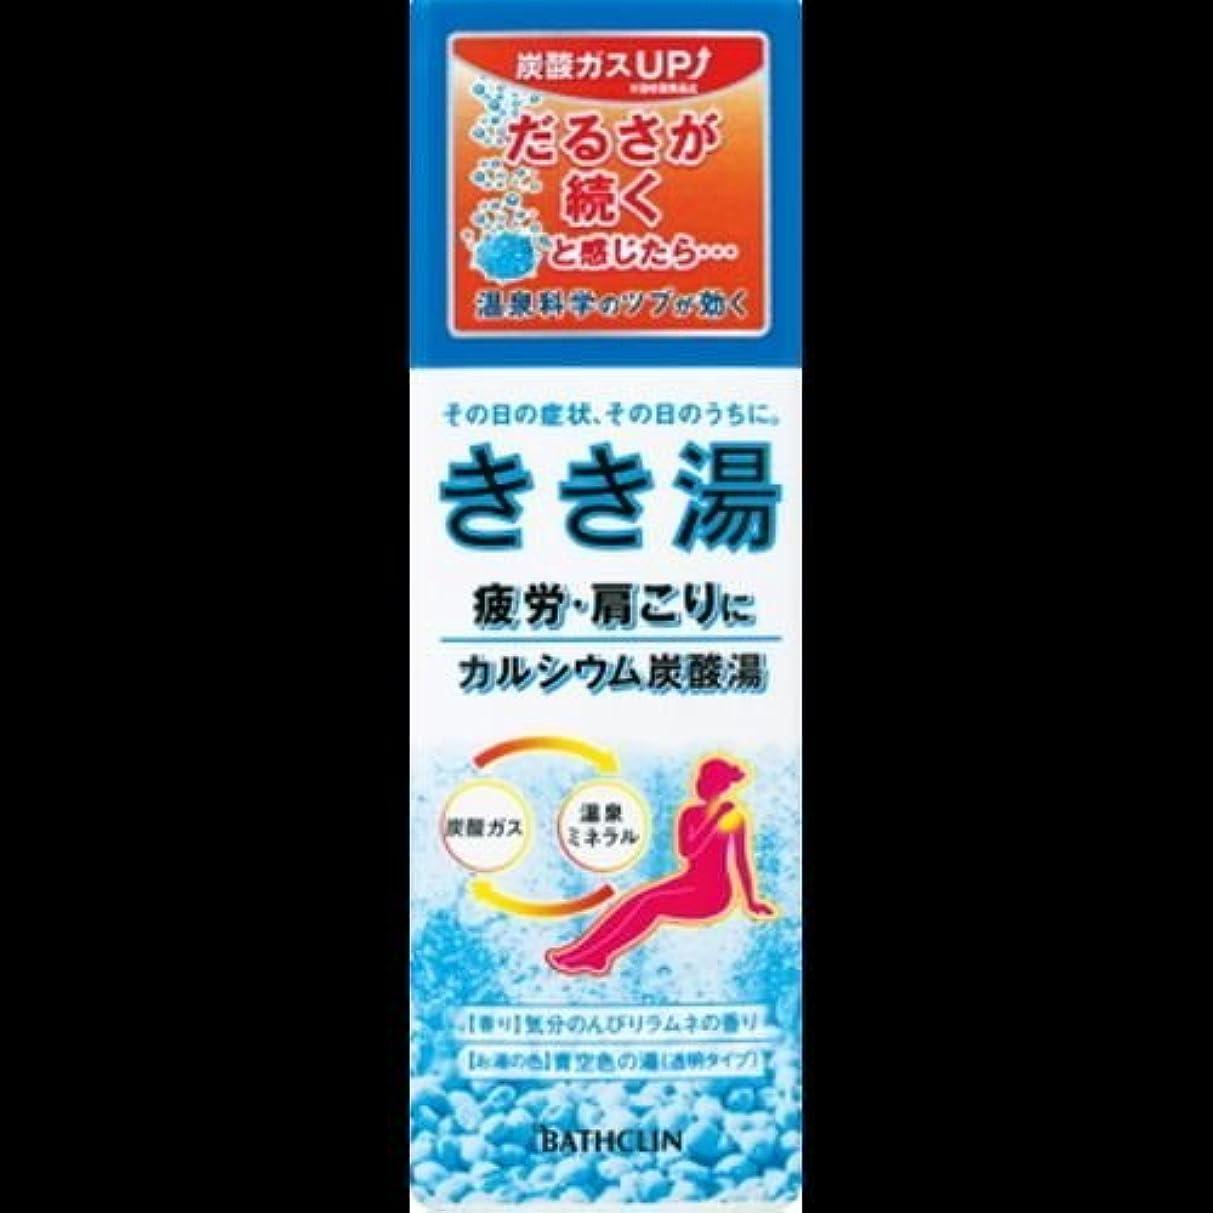 期間ポジション無限【まとめ買い】きき湯 カルシウム炭酸湯 気分のんびりラムネの香り 青空色の湯(透明タイプ) 360g ×2セット